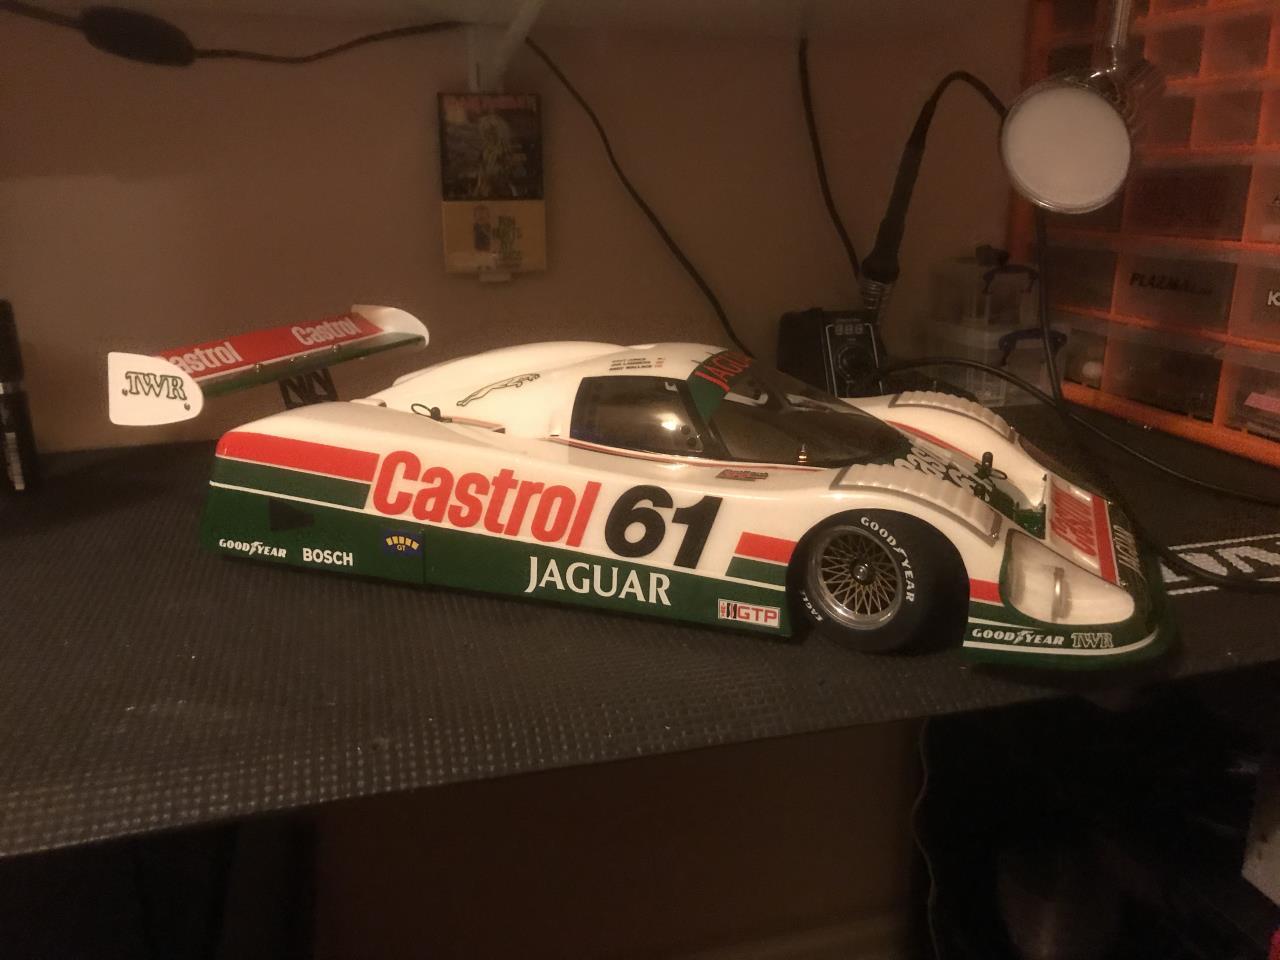 58352: Jaguar XJR-12 Daytona Winner from Badger88 showroom ...